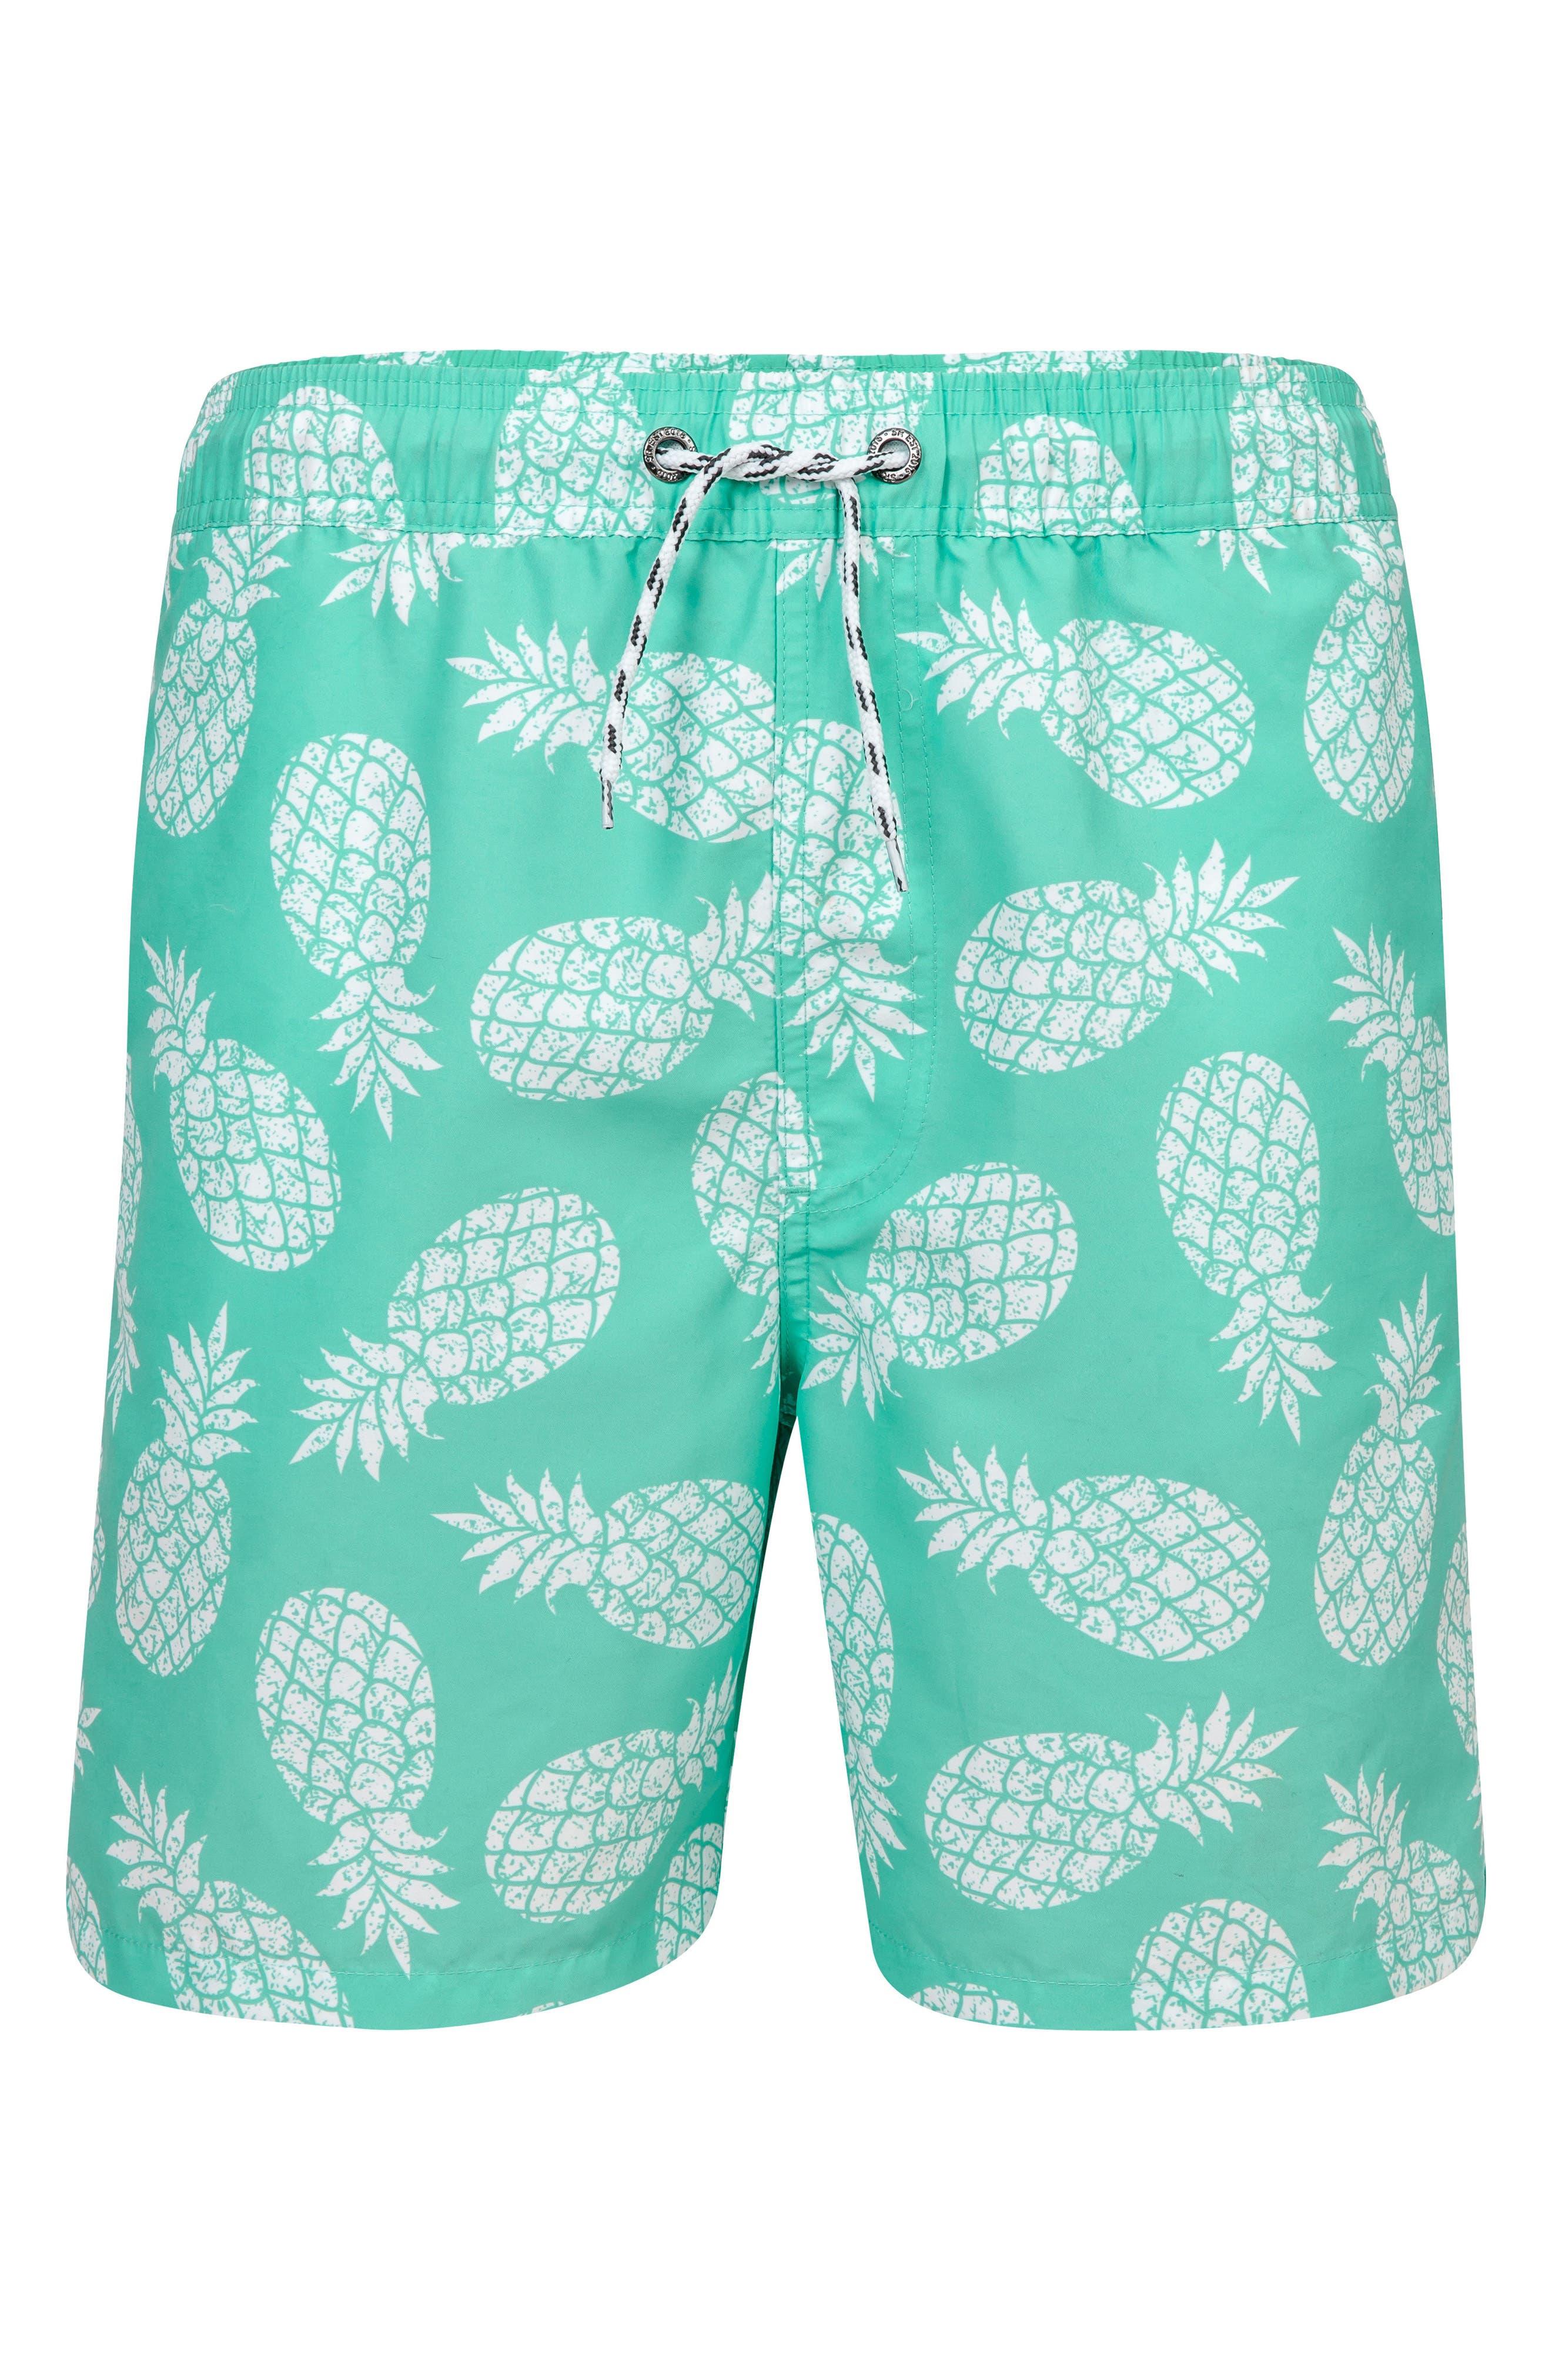 Pineapples Board Shorts,                             Main thumbnail 1, color,                             330